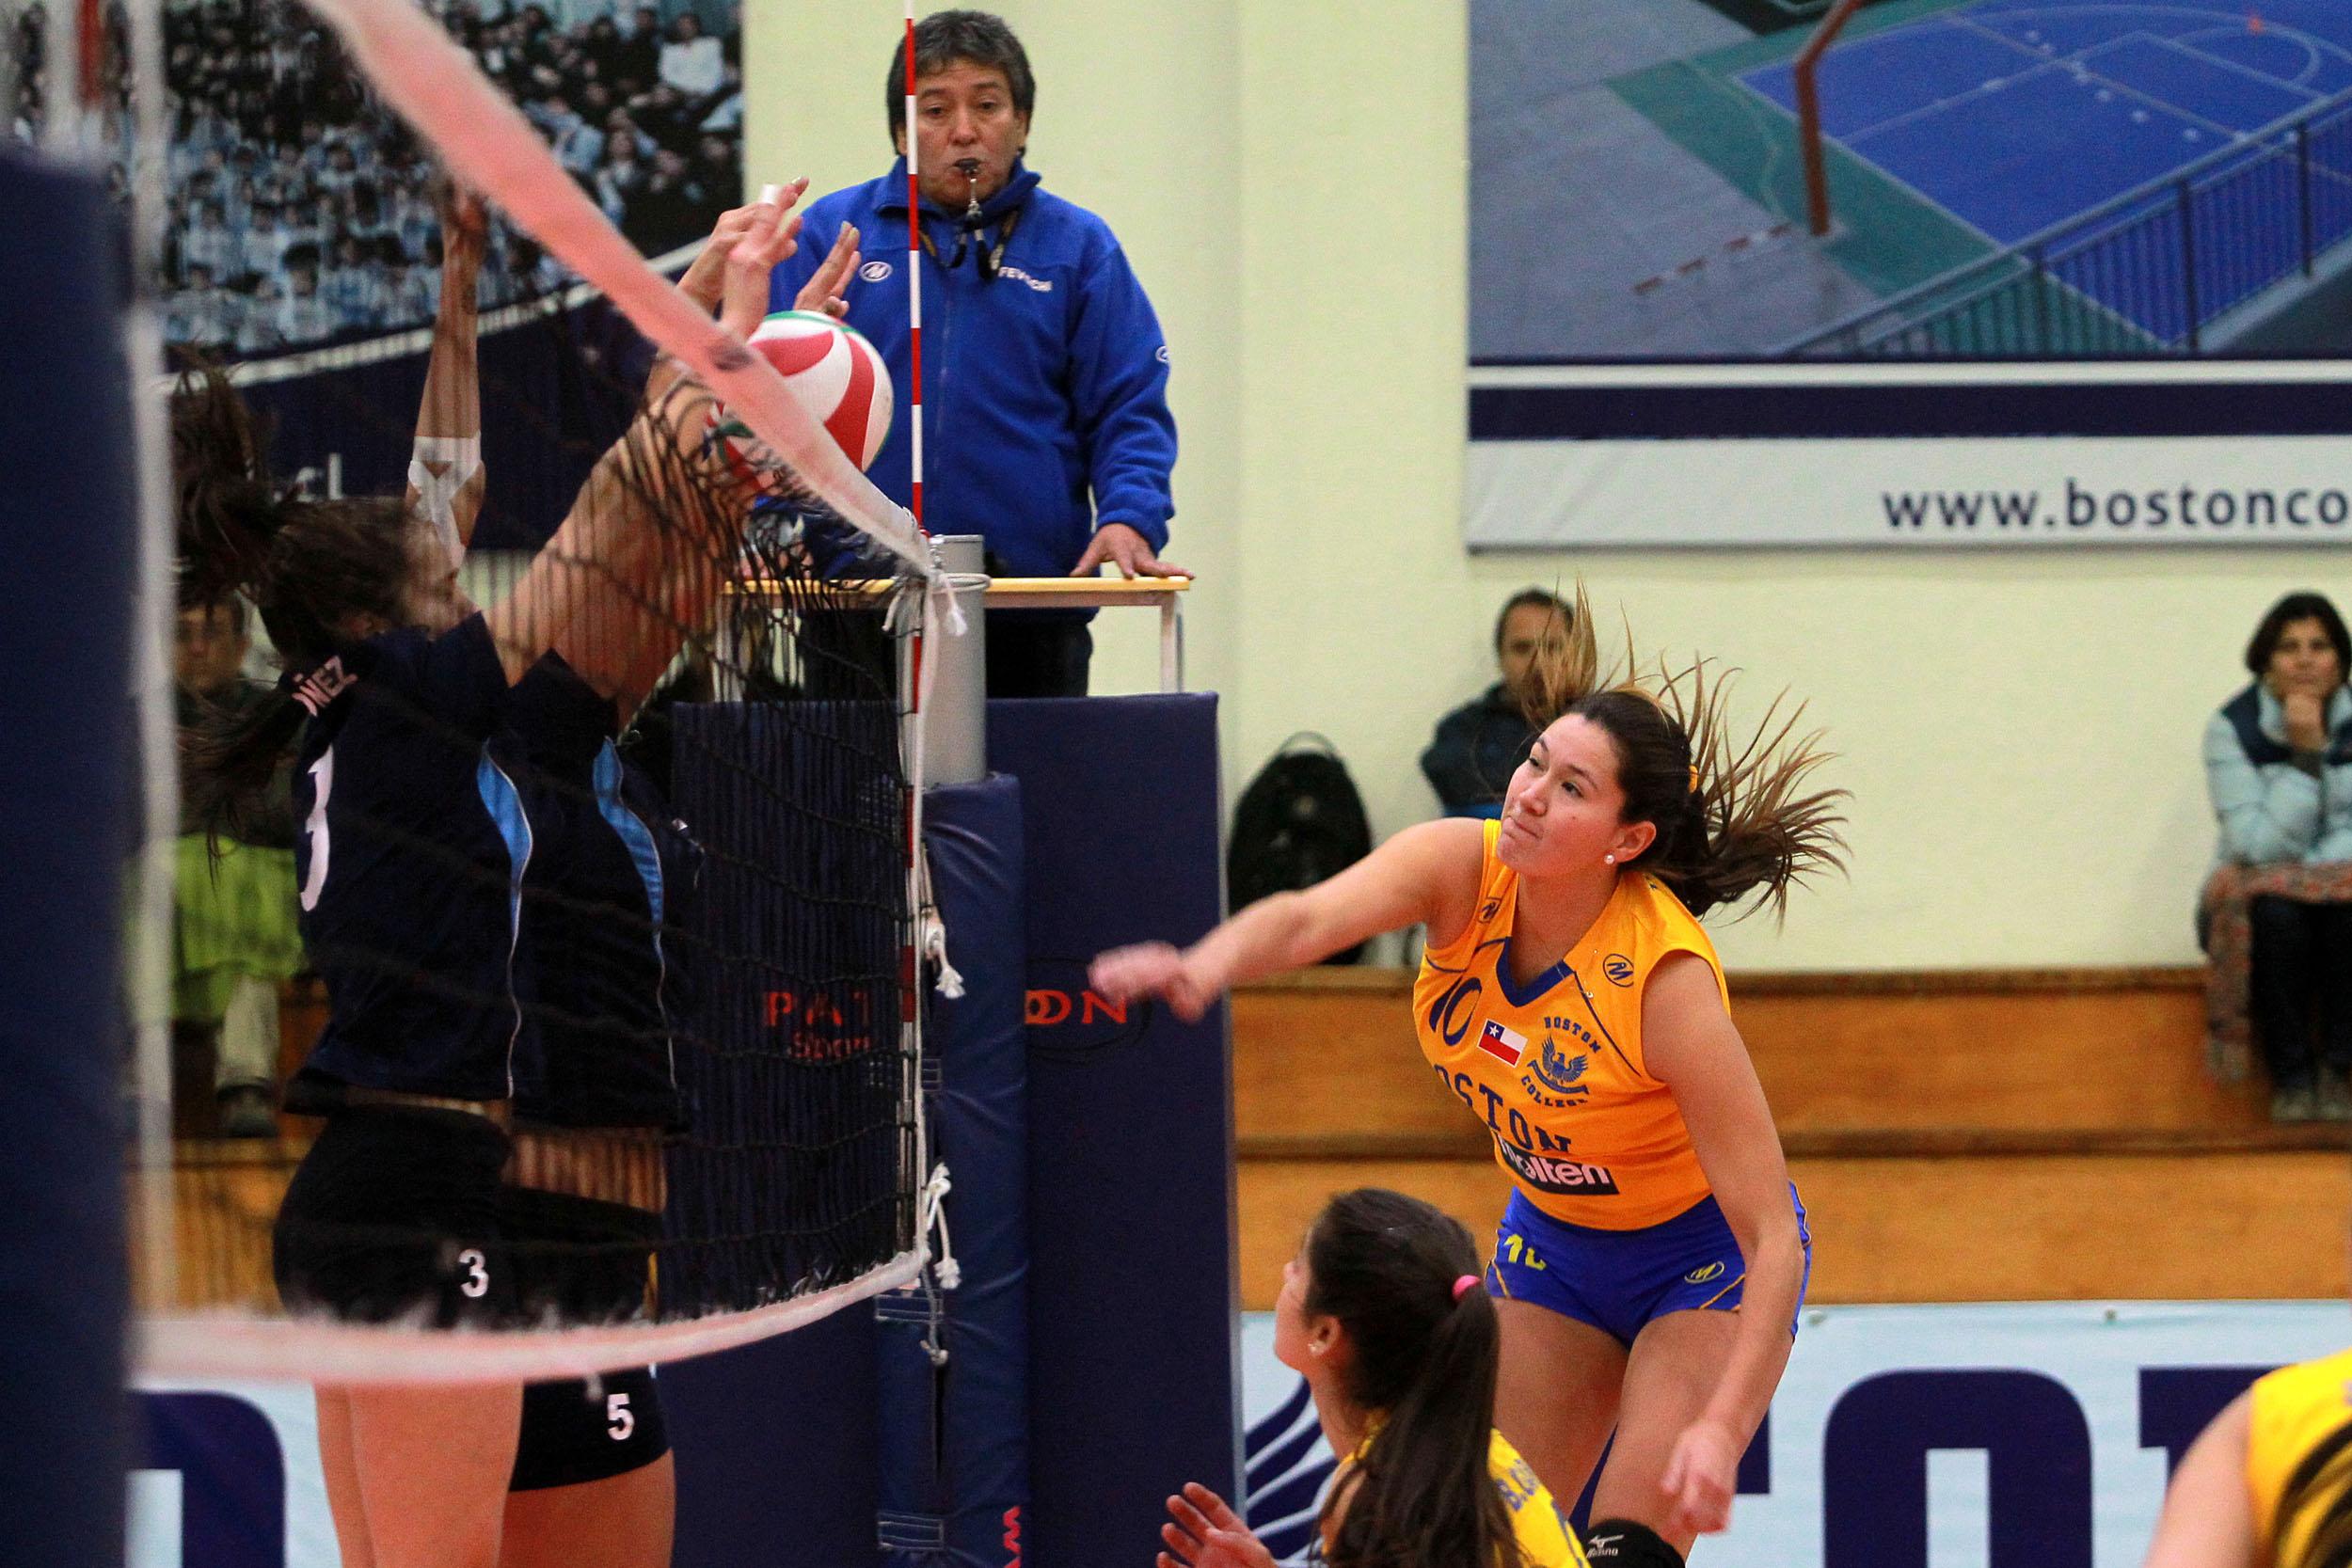 Voleibol chileno boston college vs club mortem 7